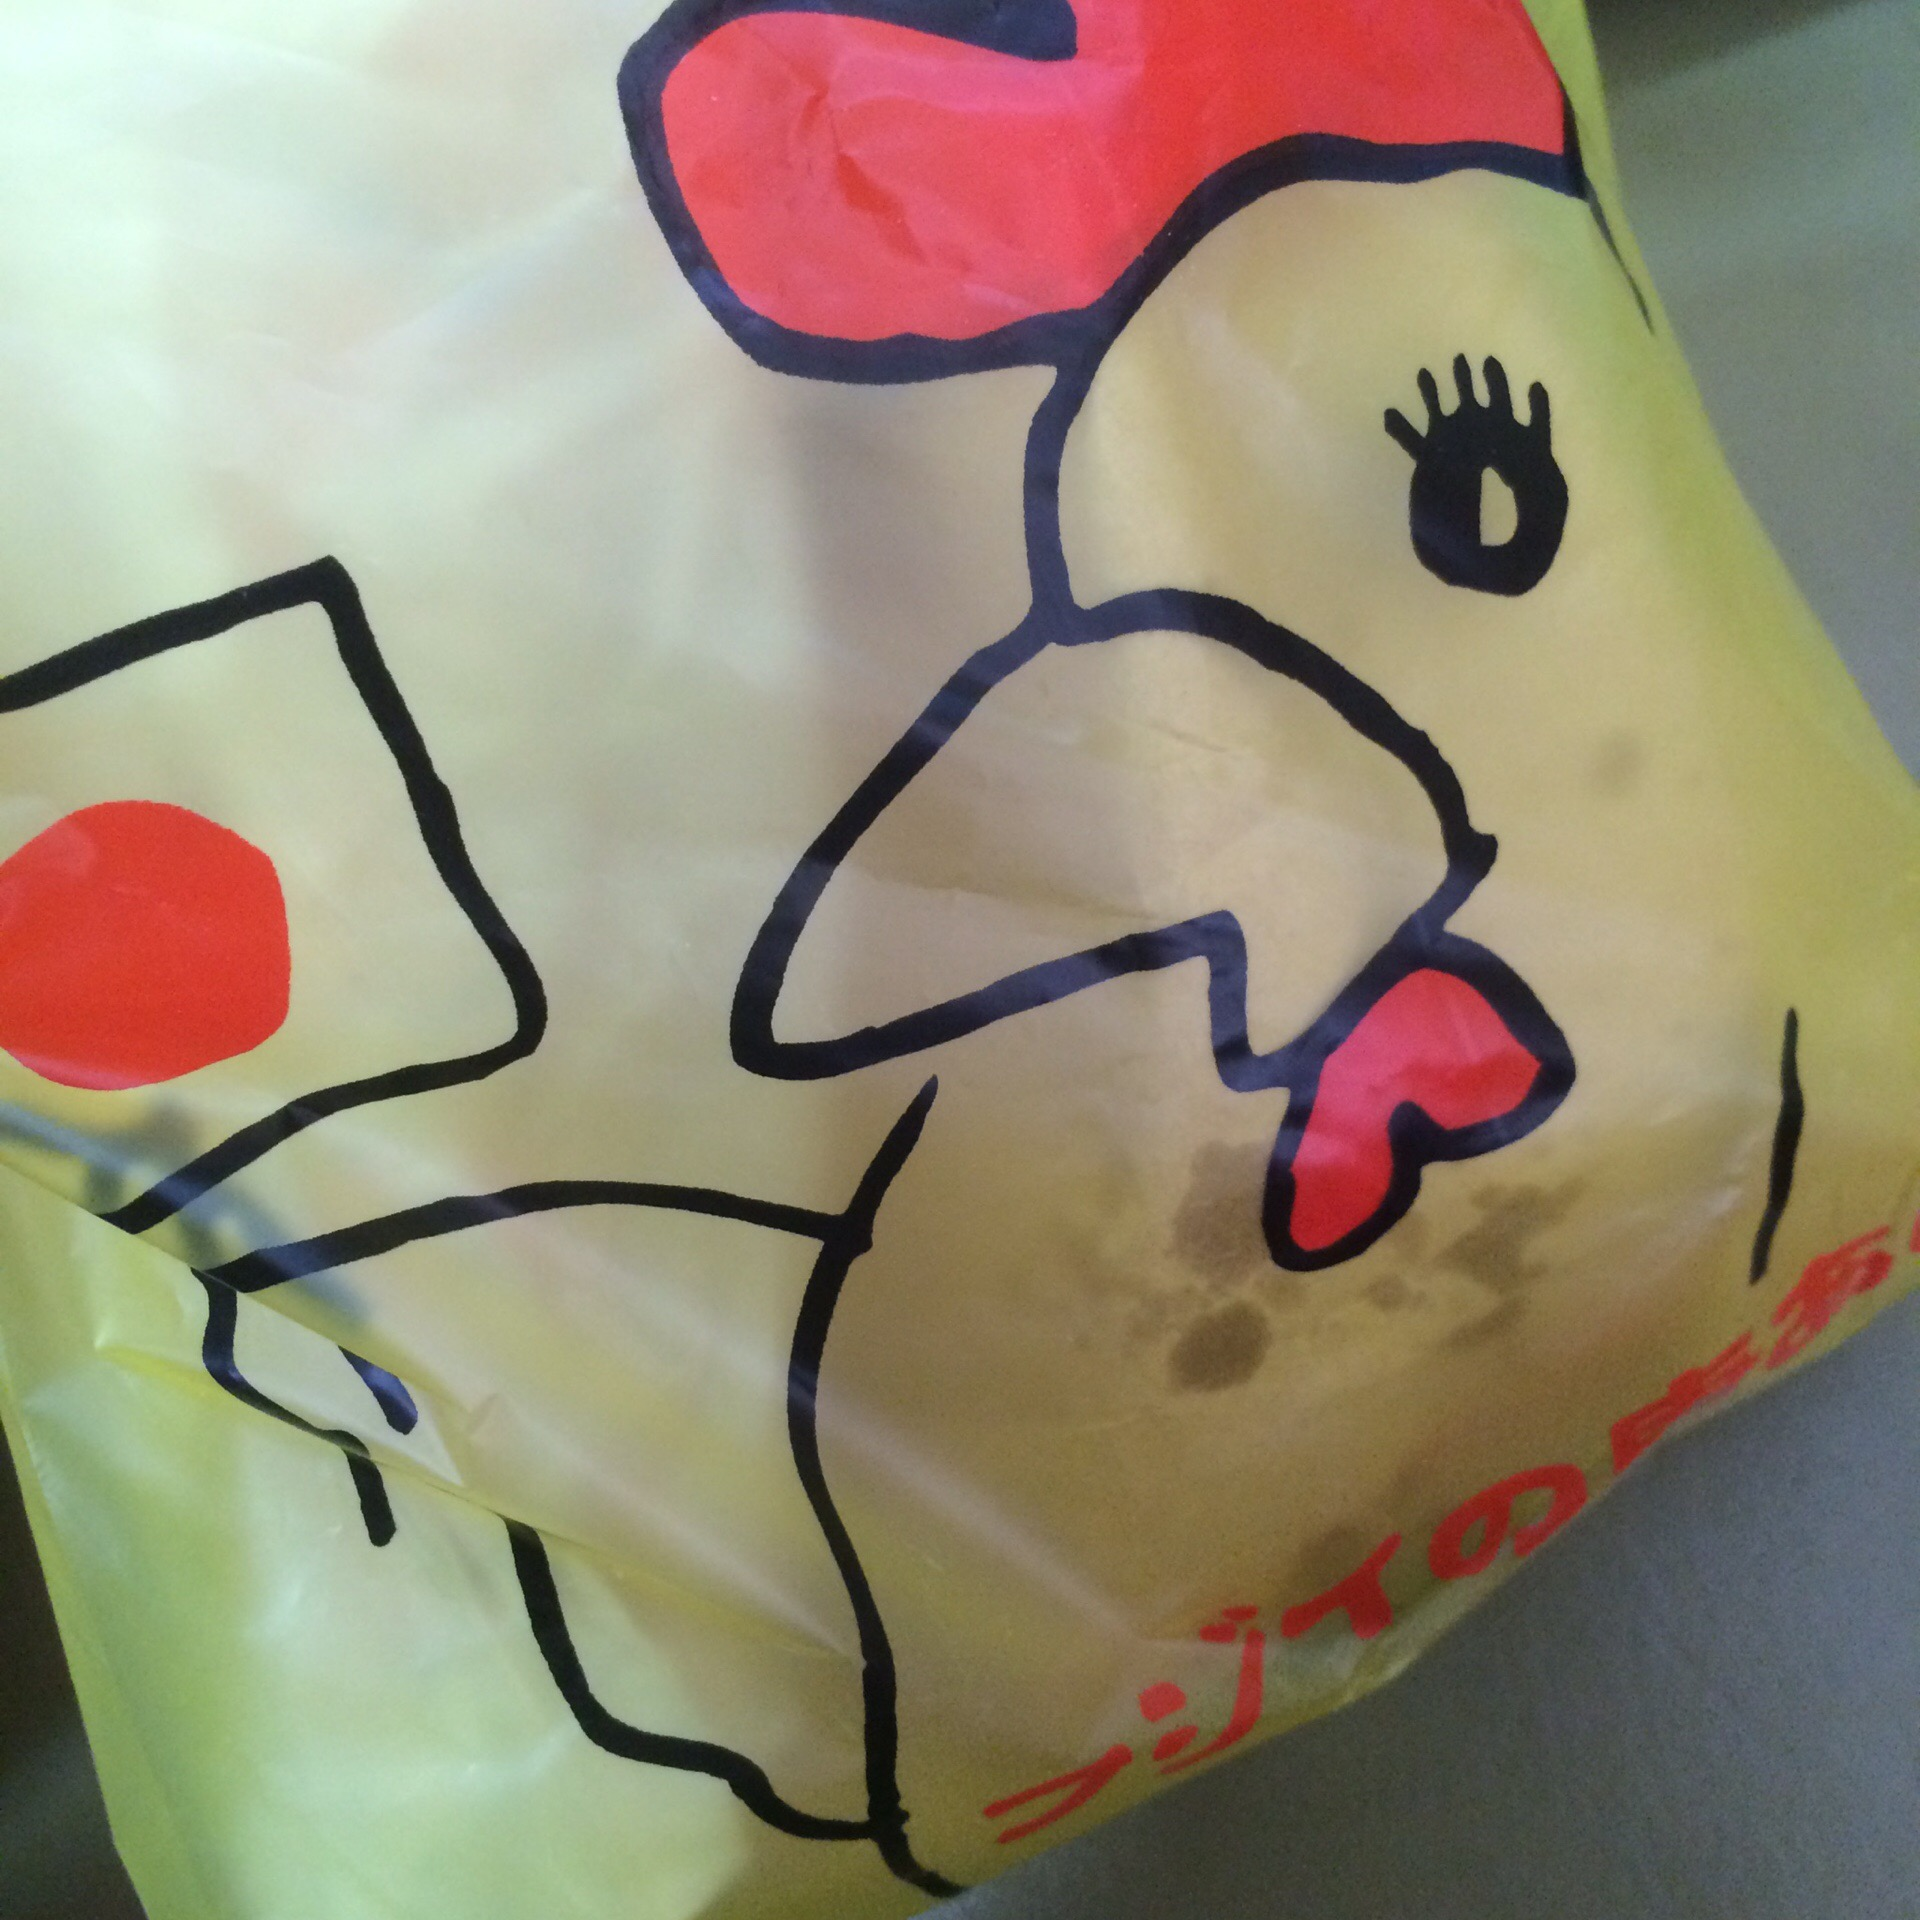 【フジイの唐揚げ】熊本田迎!おかずにピッタリ@メニュー216円100g